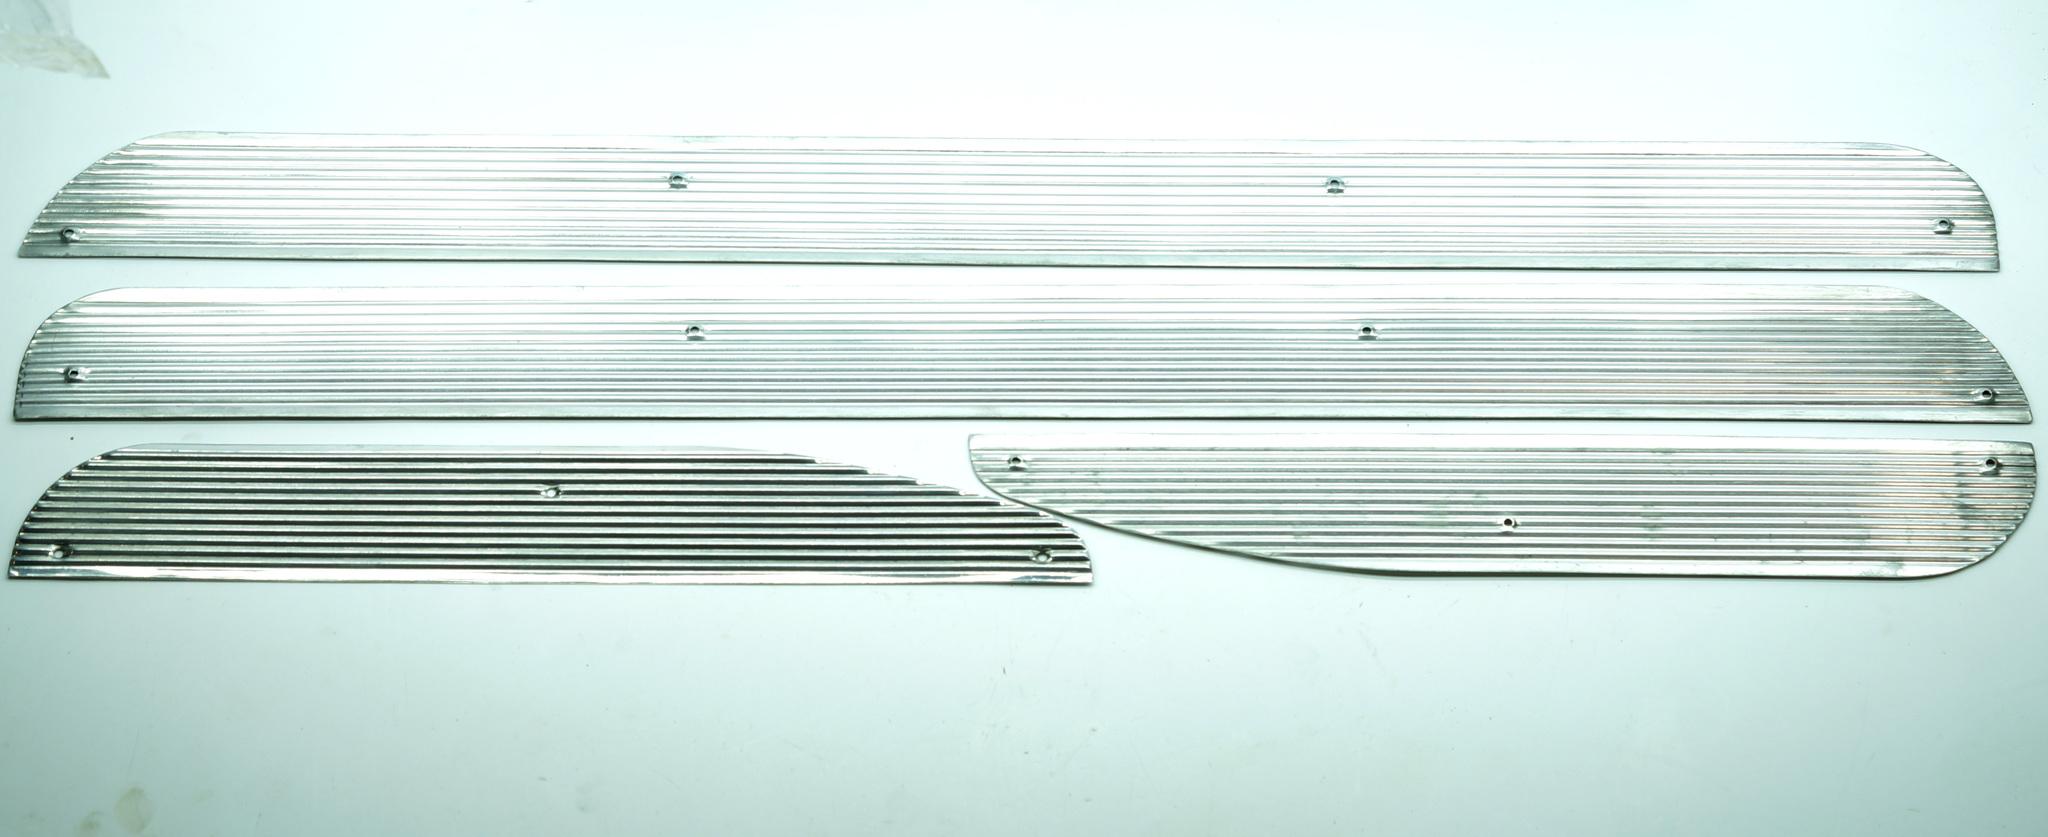 Накладки на внутреннюю обшивку дверей ГАЗ 21 Волга